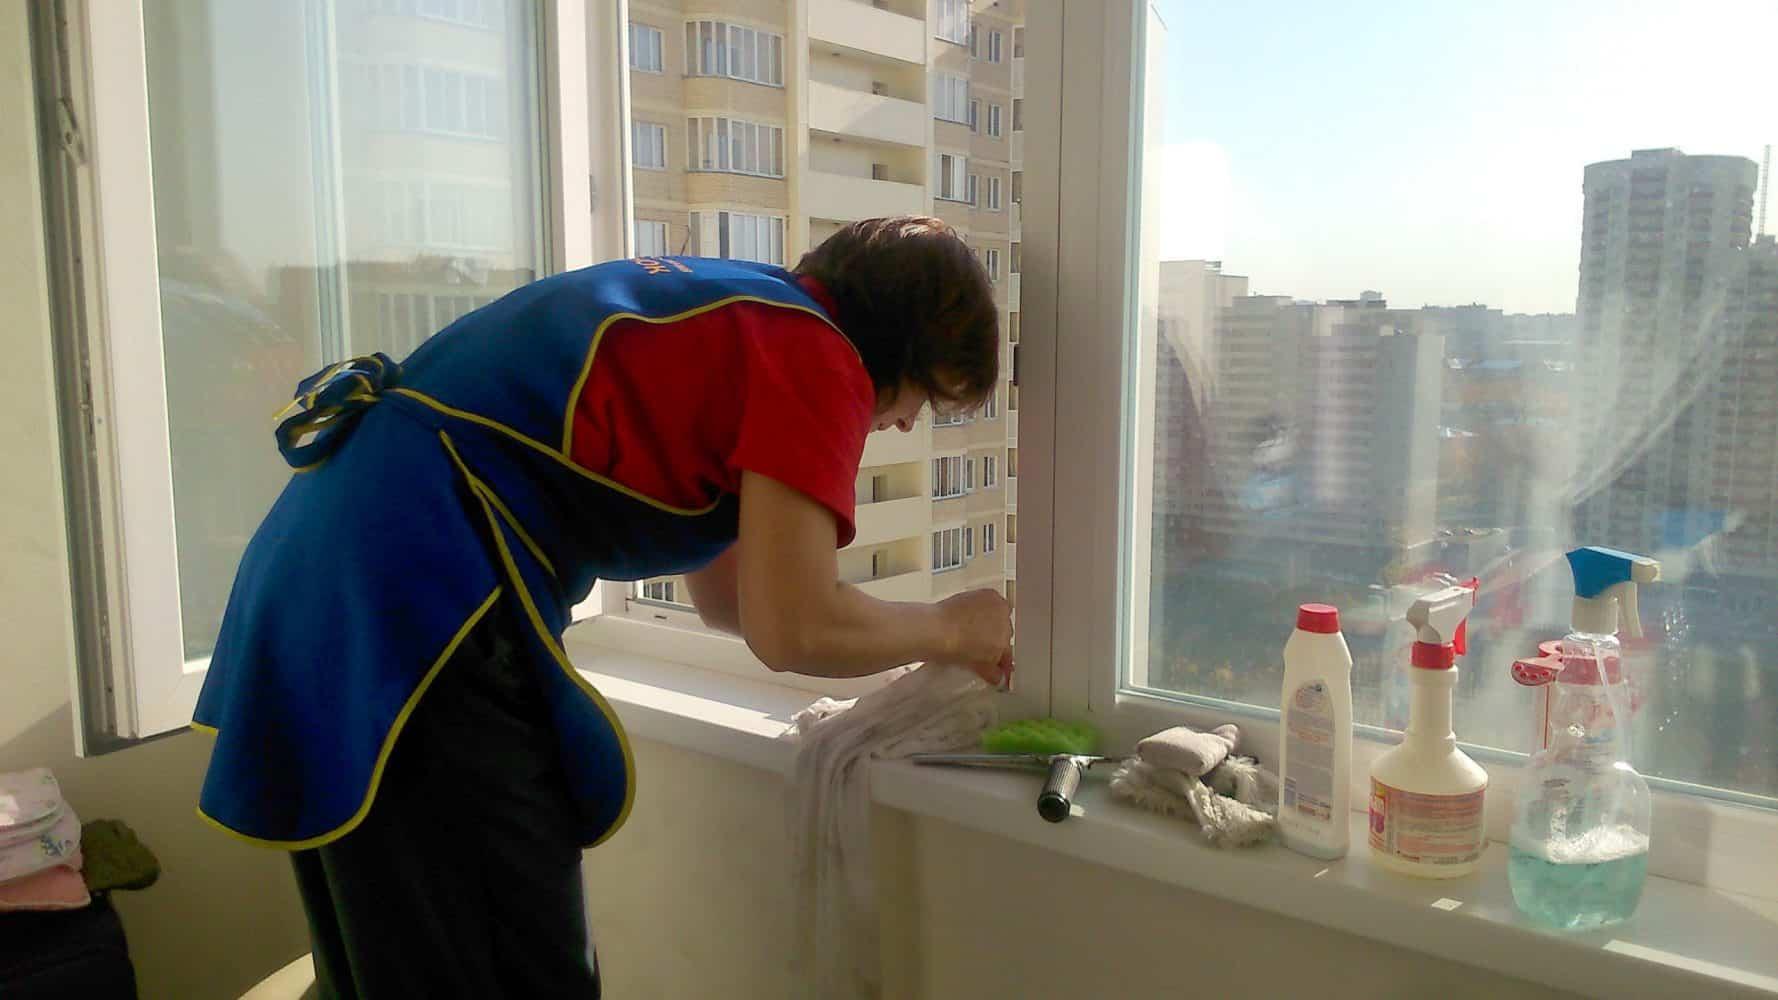 Подготовка перед мытьем окон | Как мыть окна шваброй для мытья окон